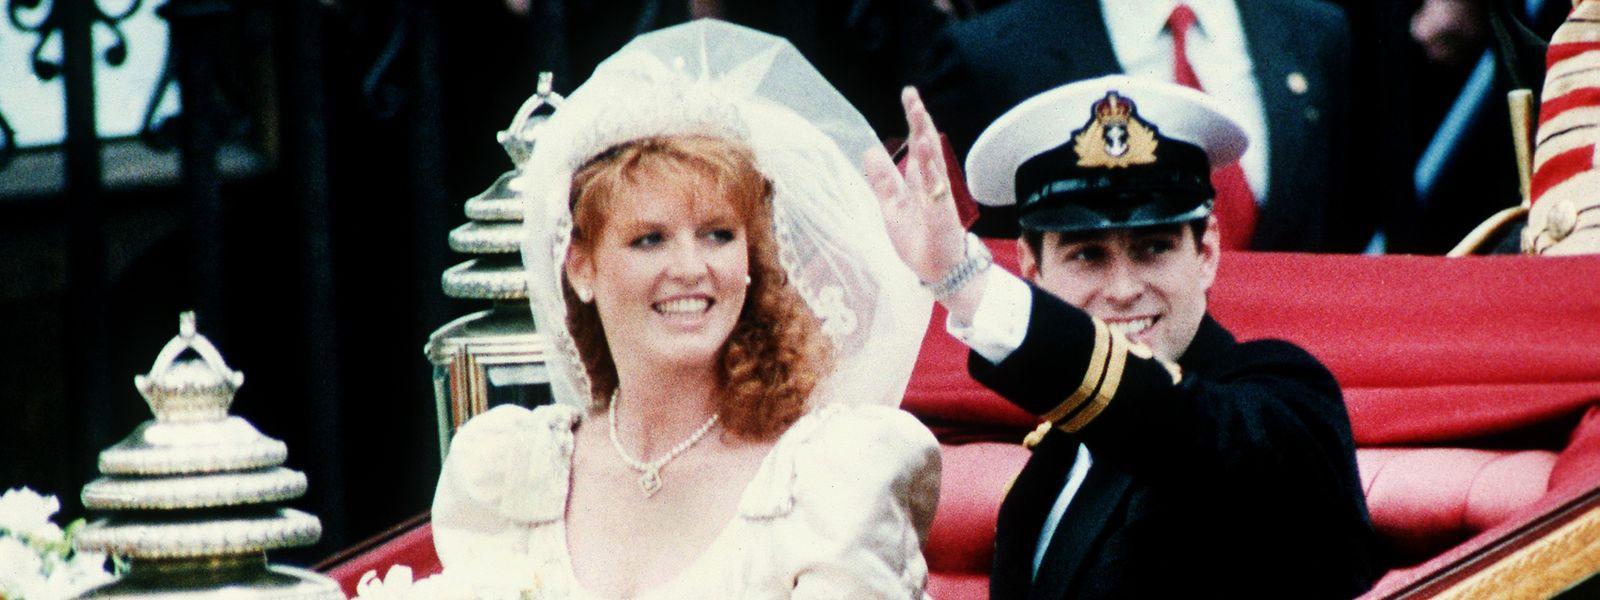 1986: Prinz Andrew und die bürgerliche Sarah Ferguson fahren nach der Trauung in einer offenen Kutsche zum Buckingham-Palast.